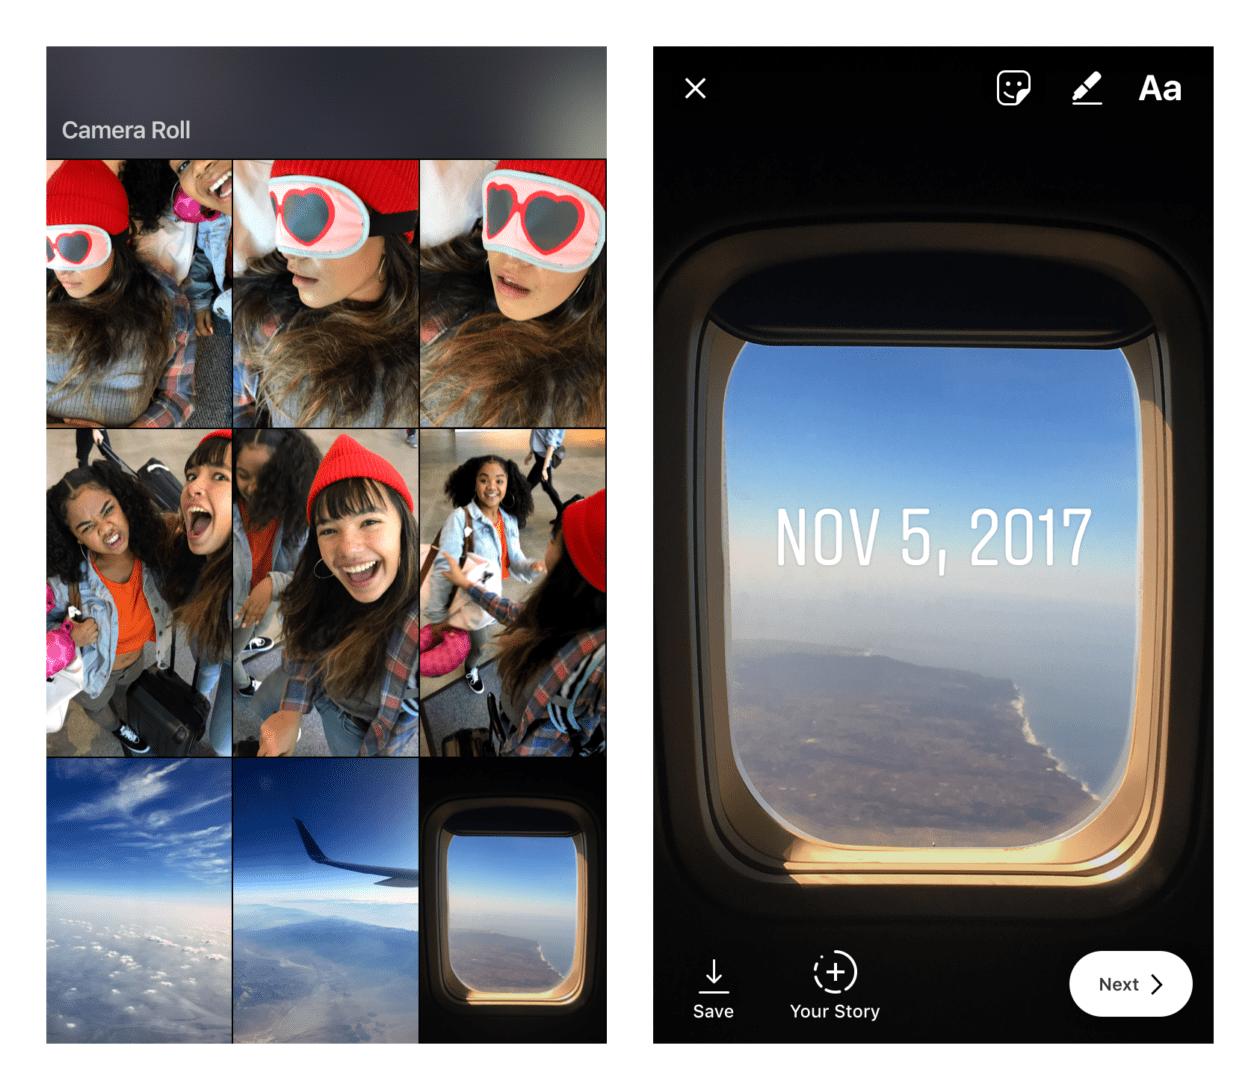 Instagram annab välja vanu foto- / videoteemalisi väljaandeid Stories; Skype lisab teie rakendusele fotoefektid